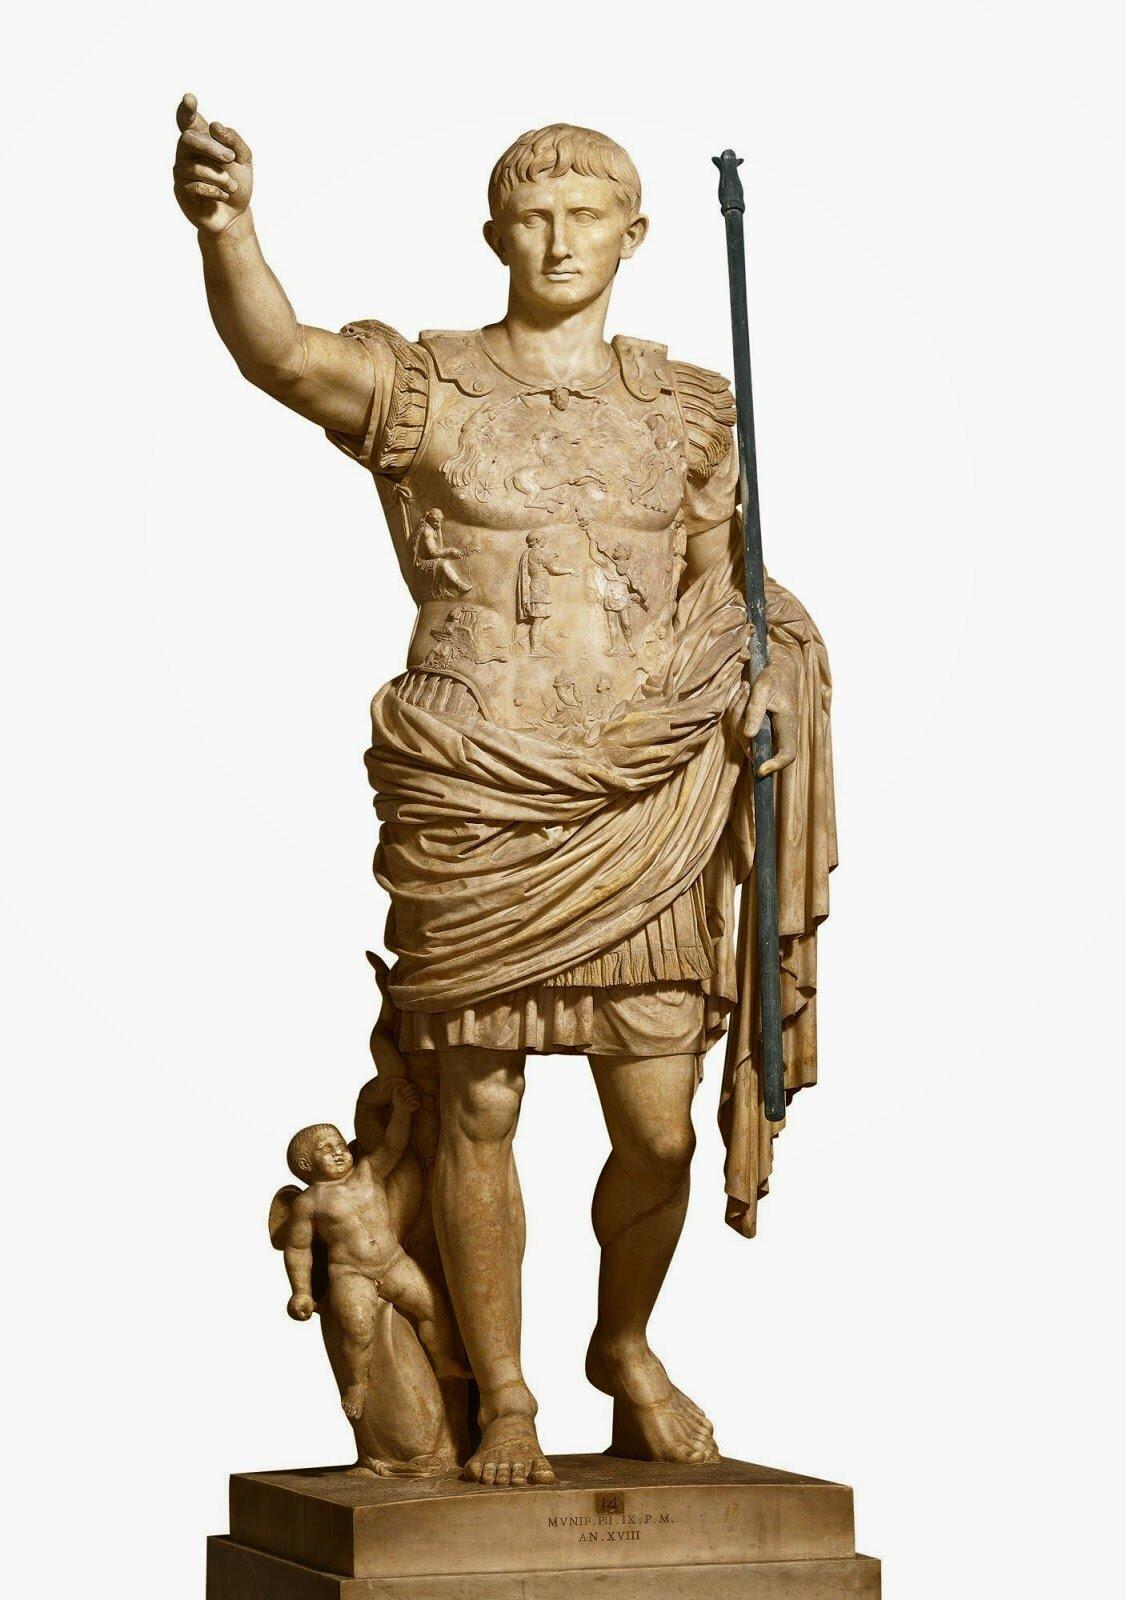 """Ilustracja przedstawia dzieło nieznanego autora """"August zPrima Porta"""". Postać jest ubrana wkrótką tunikę ipancerz. Płaszcz jest owinięty wokół bioder iprzerzucony przez lewe ramię. Prawa ręka jest wyciągnięta do góry,a przy nodze znajduje się amor który siedzi na delfinie. Pancerz cesarza jest bogato zdobiony sfinksami, orłem iróżnymi postaciami. Stoi wkontrapoście zwyciągniętą prawą ręką, ana lewej zwisa płaszcz obiegający biodra."""